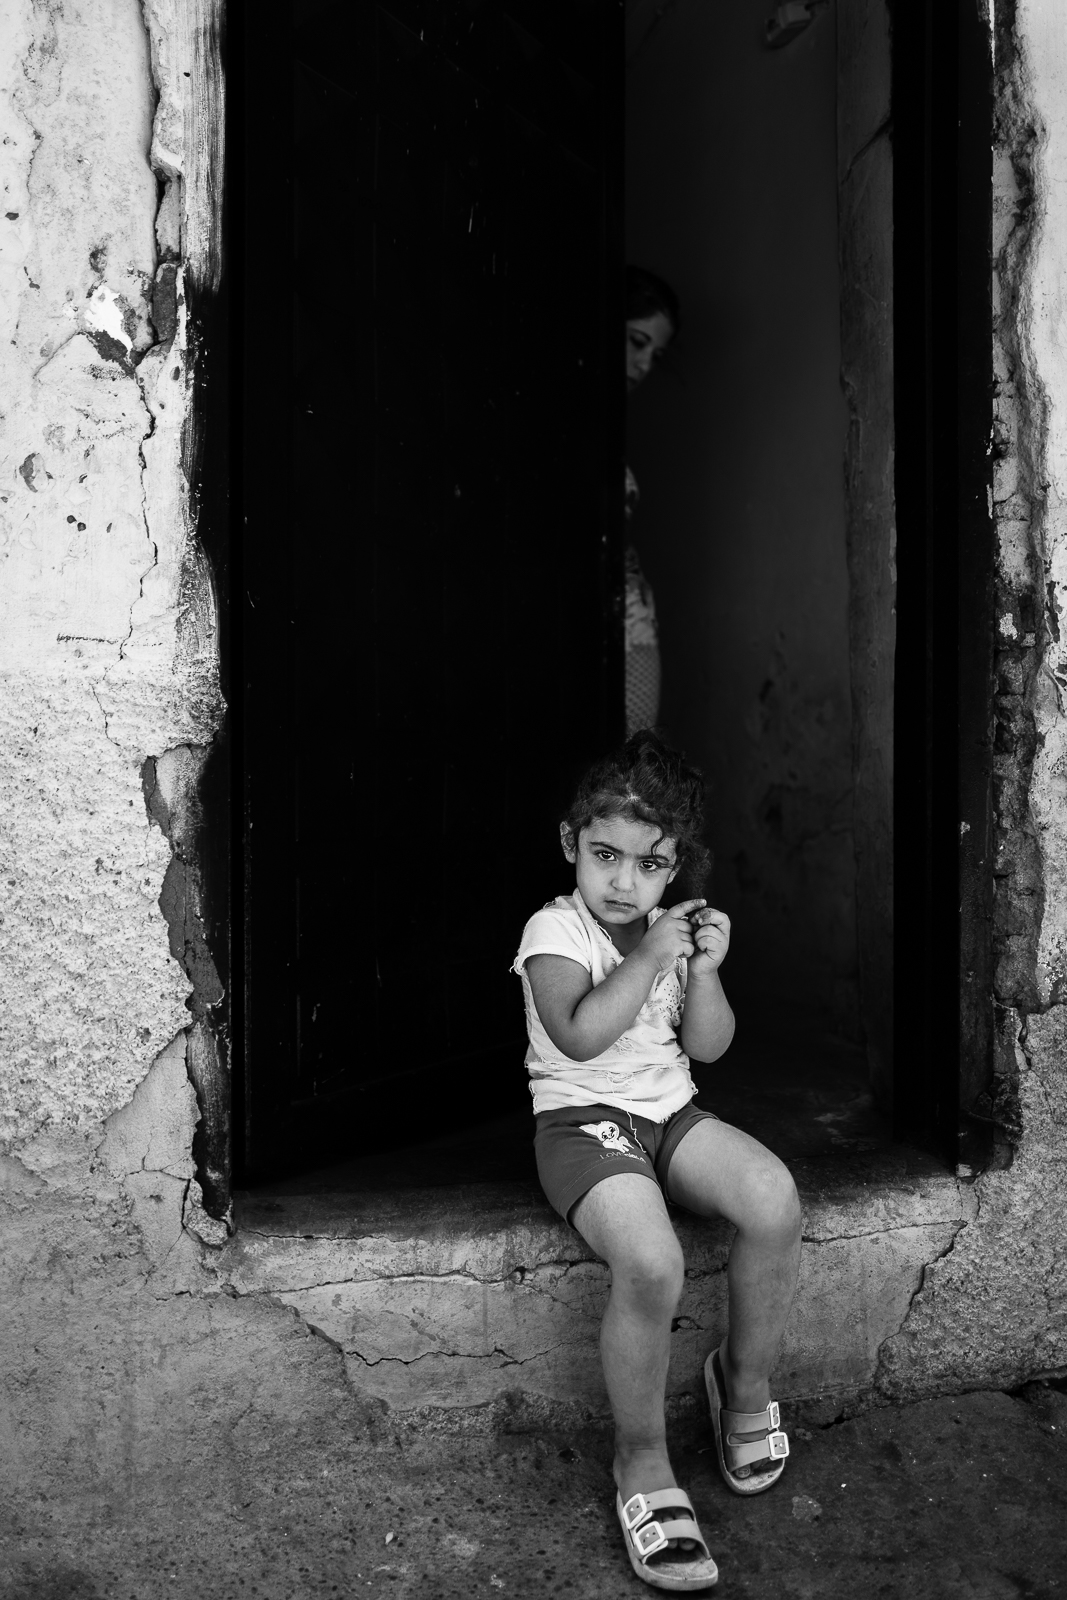 Kurdish girl on her home's door in Diyarbakir (Turkey)